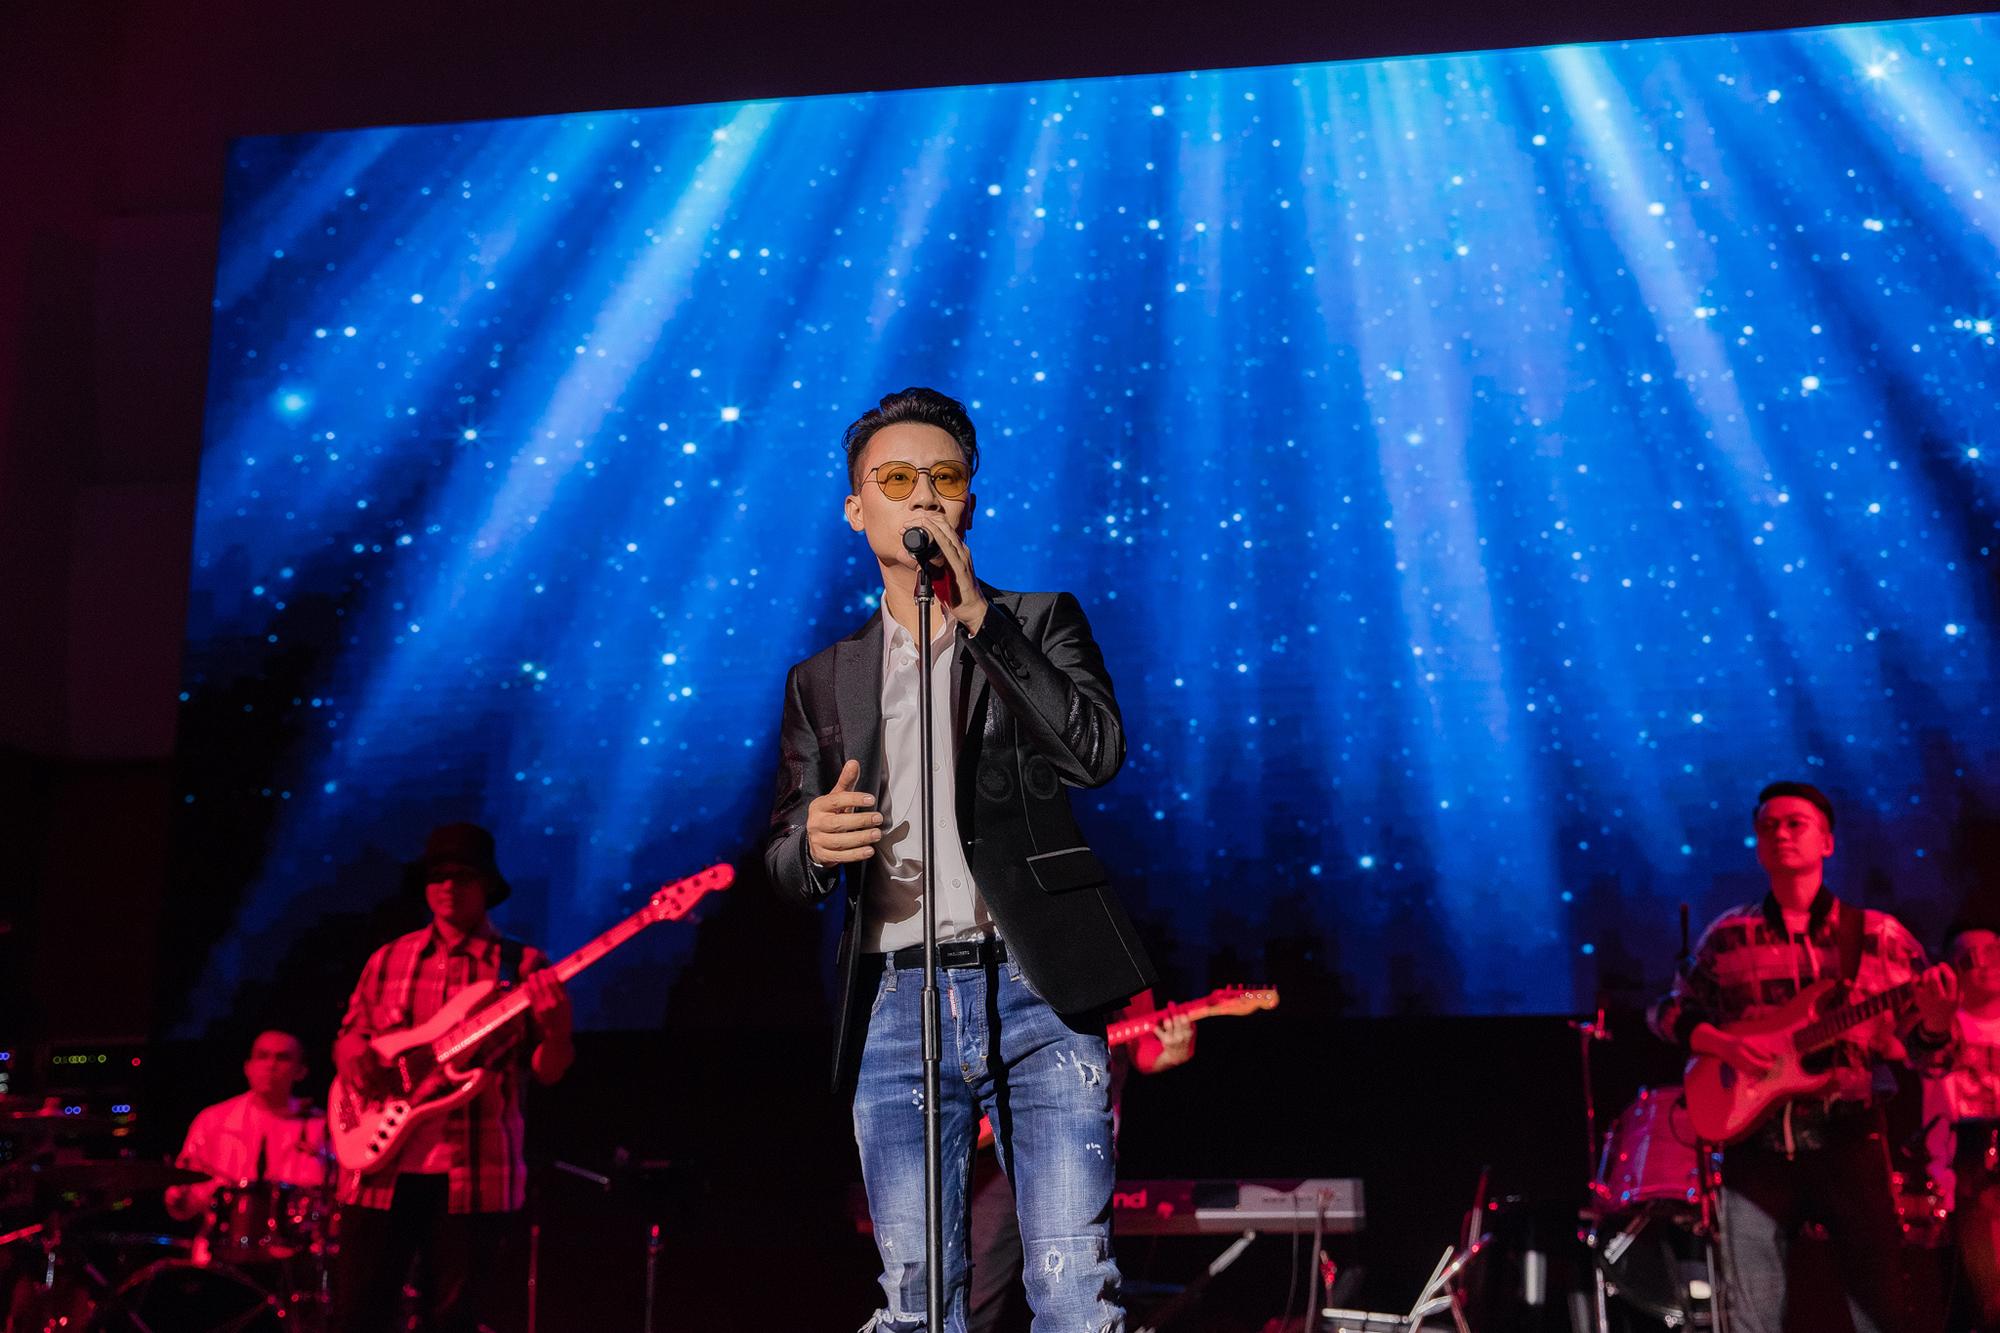 Hoàng Bách mang gần 100 người vào MV thu âm, quay hình trực tiếp - 1